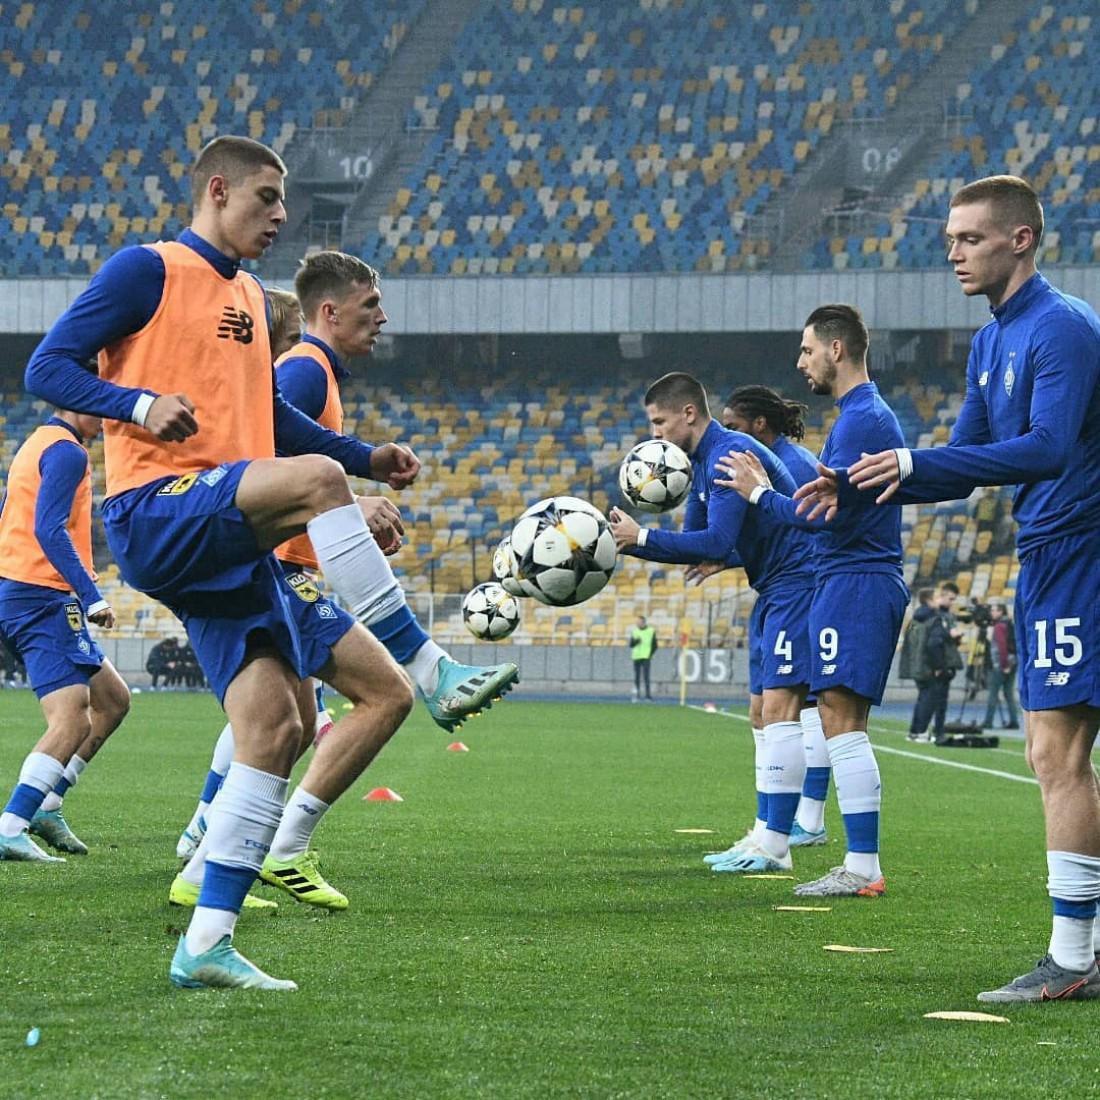 Копенгаген - Динамо: анонс и прогноз матча